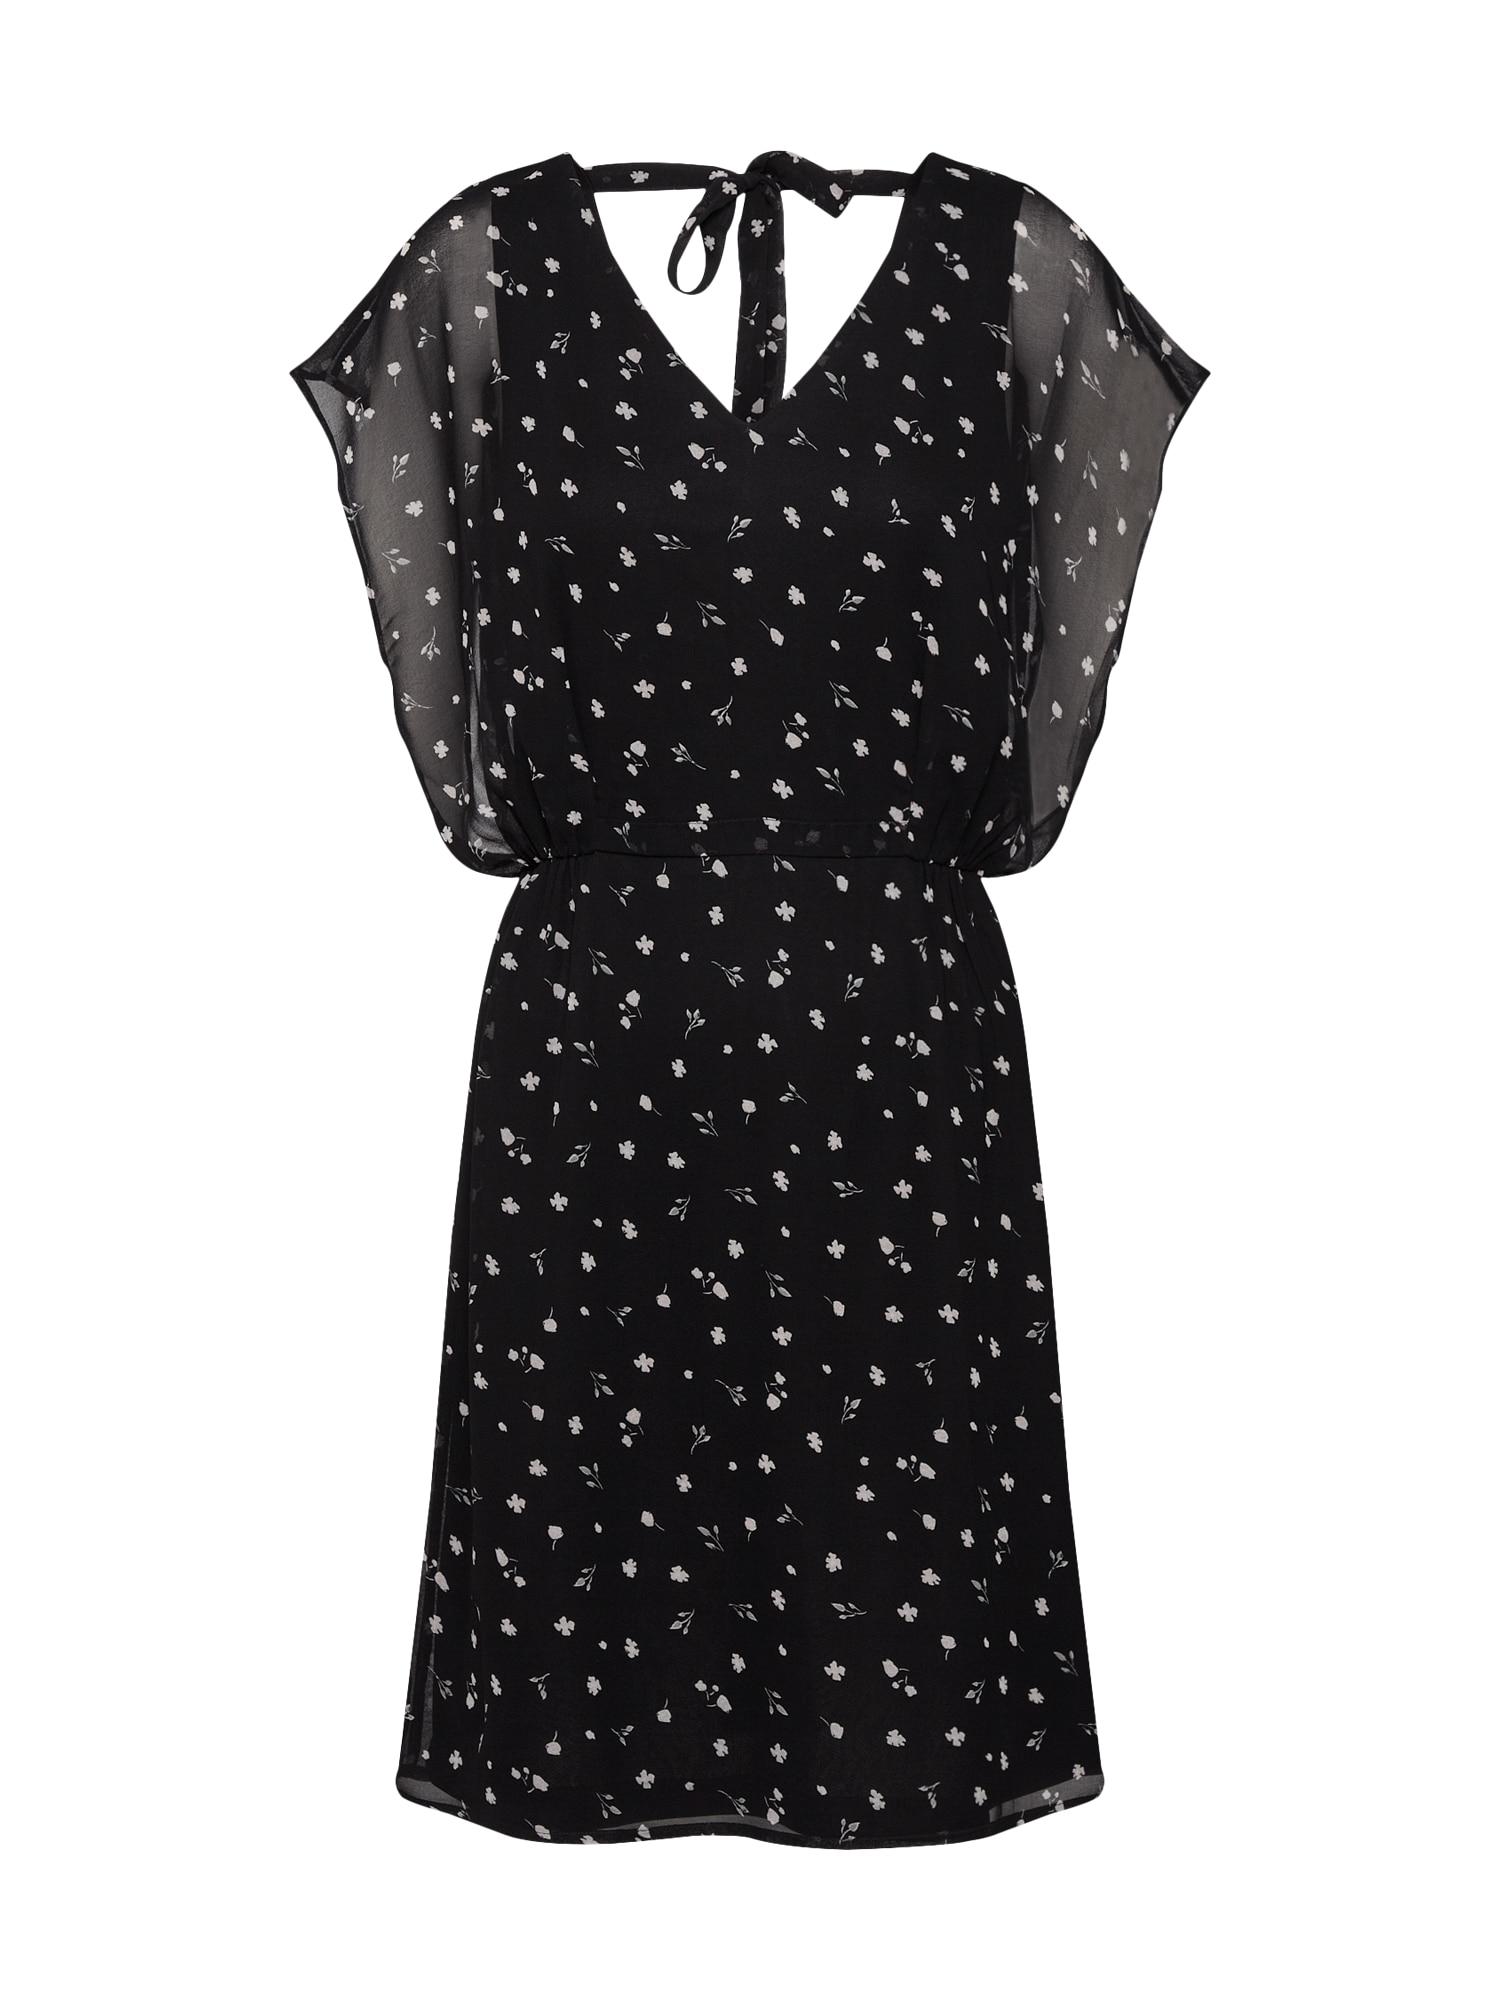 Letní šaty Tatjana černá ABOUT YOU